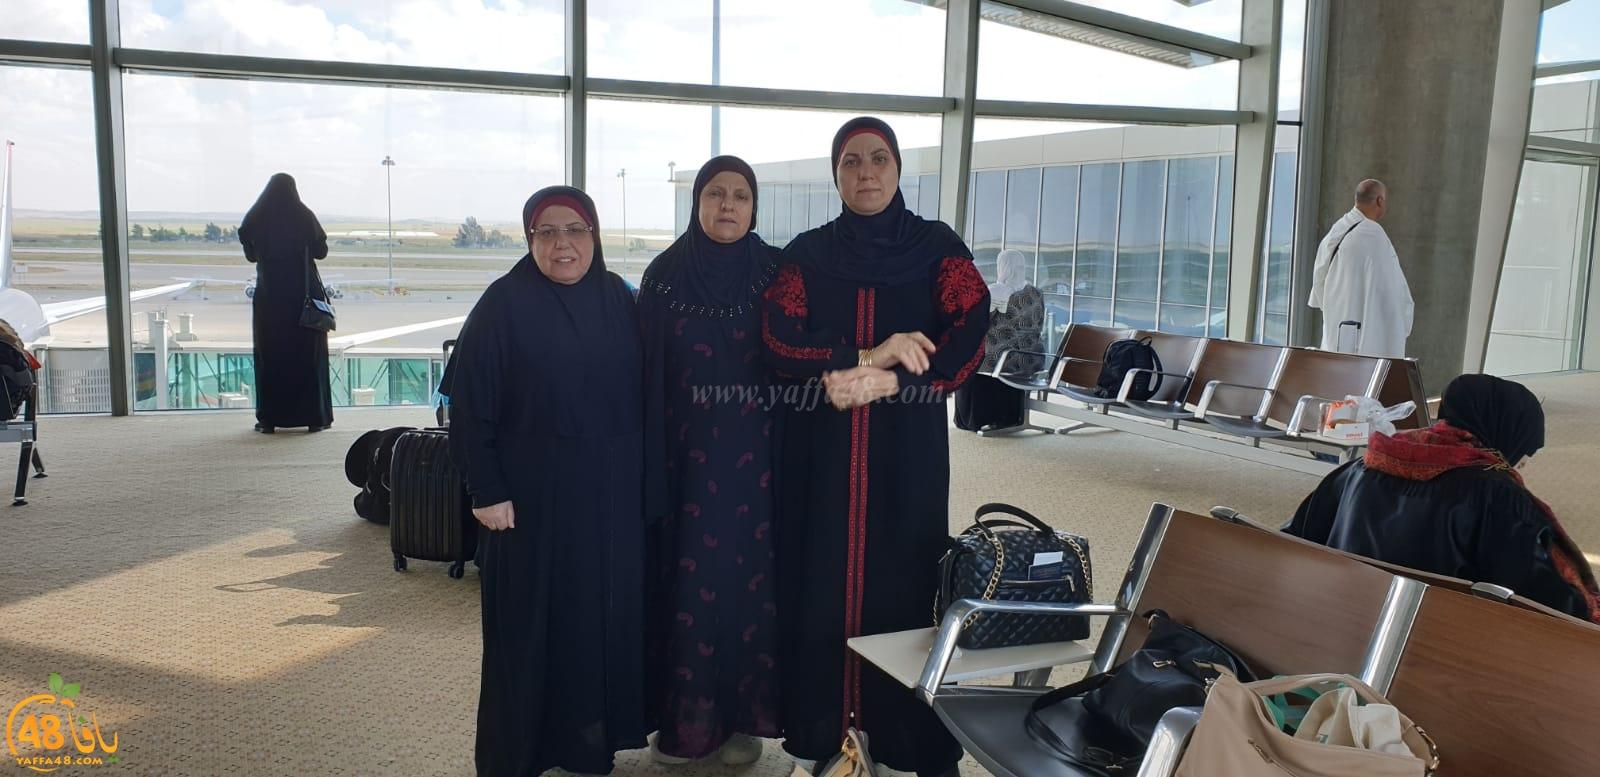 بالصور: معتمرو مدينة يافا يصلون إلى مكة المكرّمة لأداء عمرة الربيع